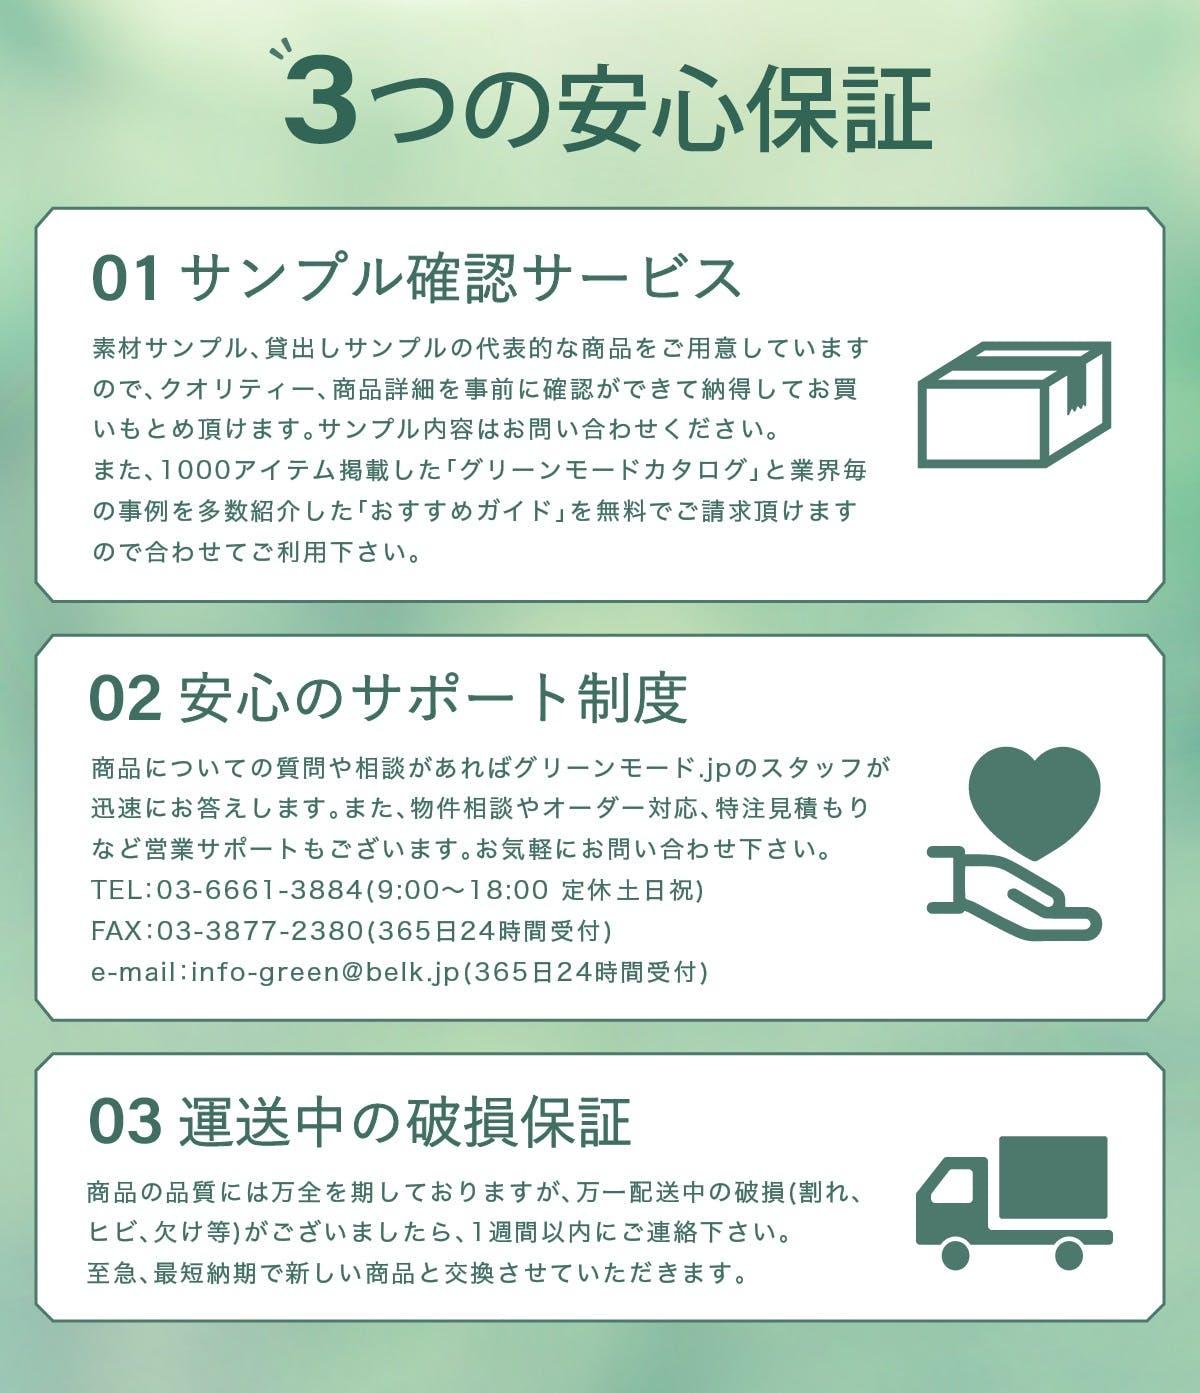 グリーンモード3つの安心保証